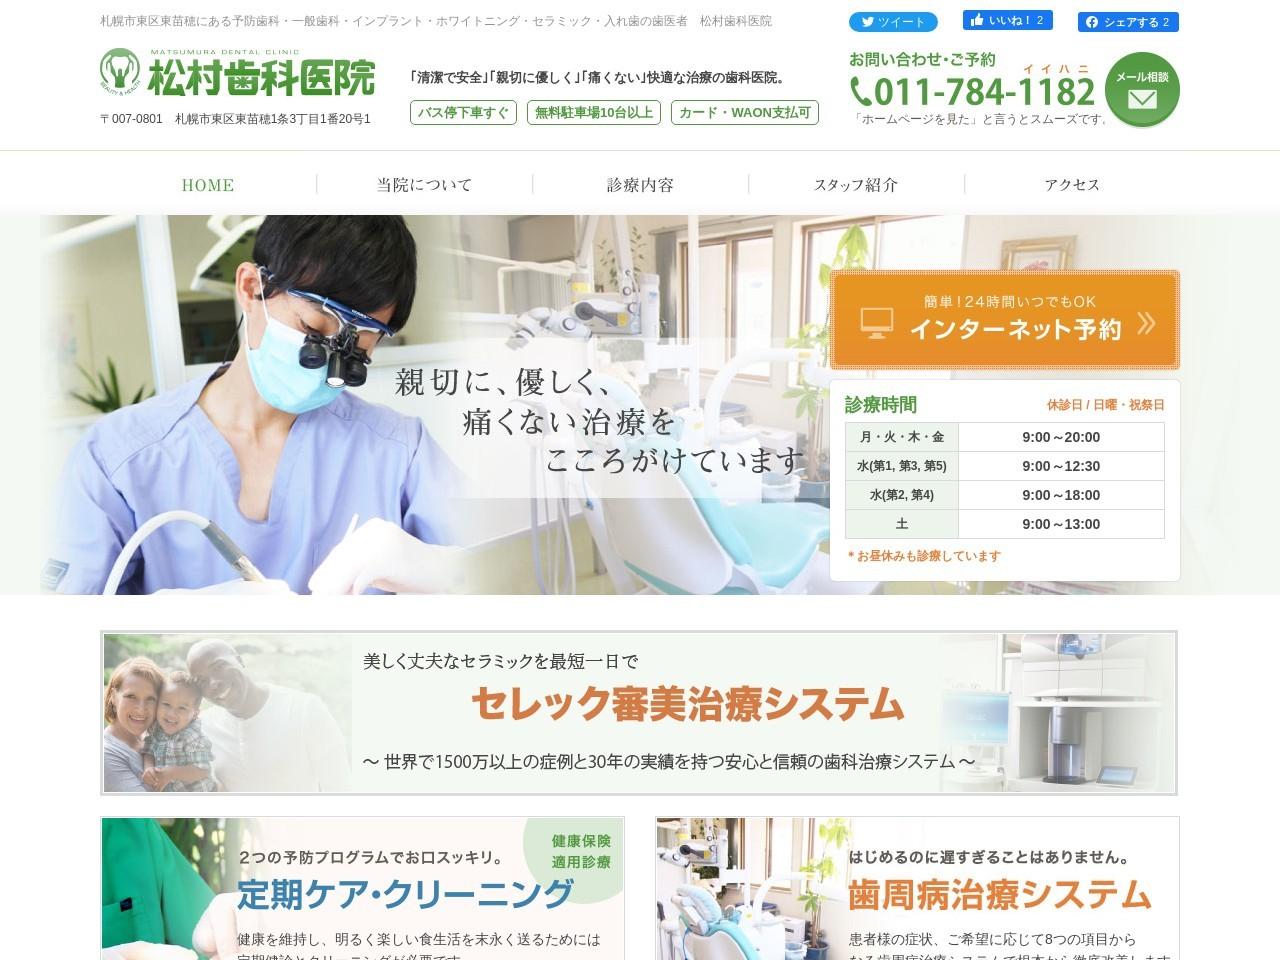 松村歯科医院 (北海道札幌市東区)